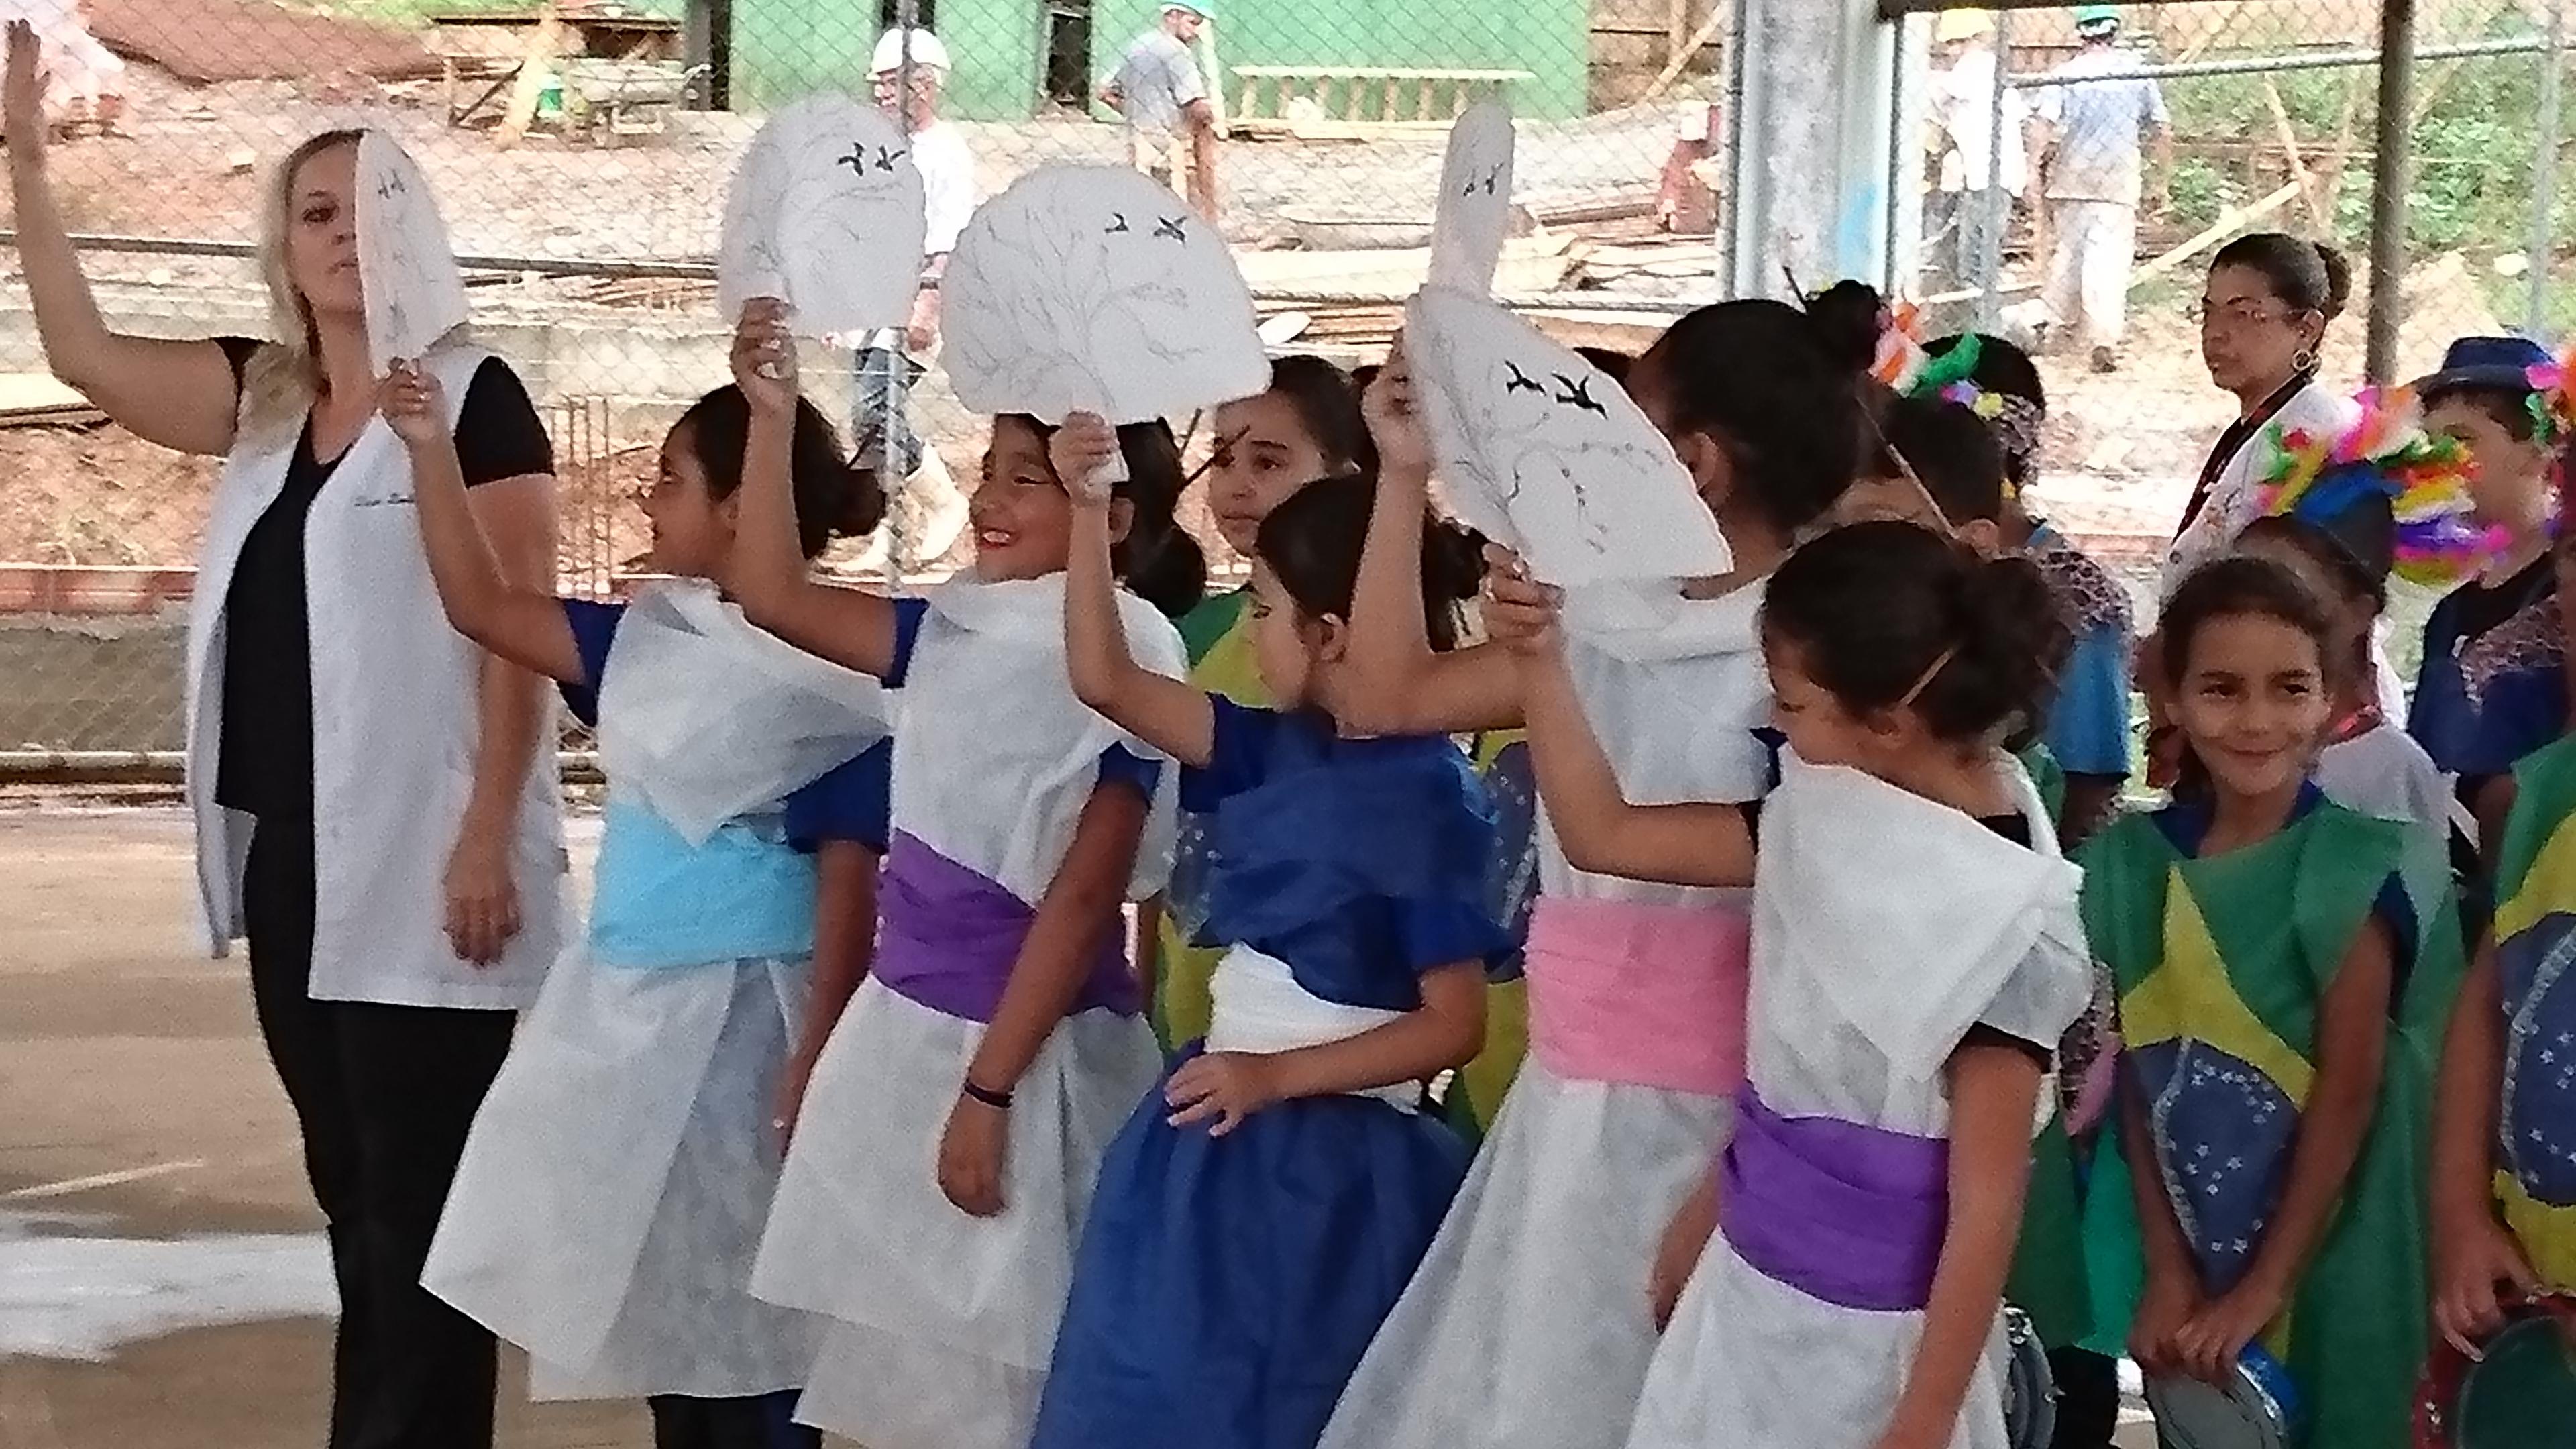 Momento cultural e a formação do nosso povo